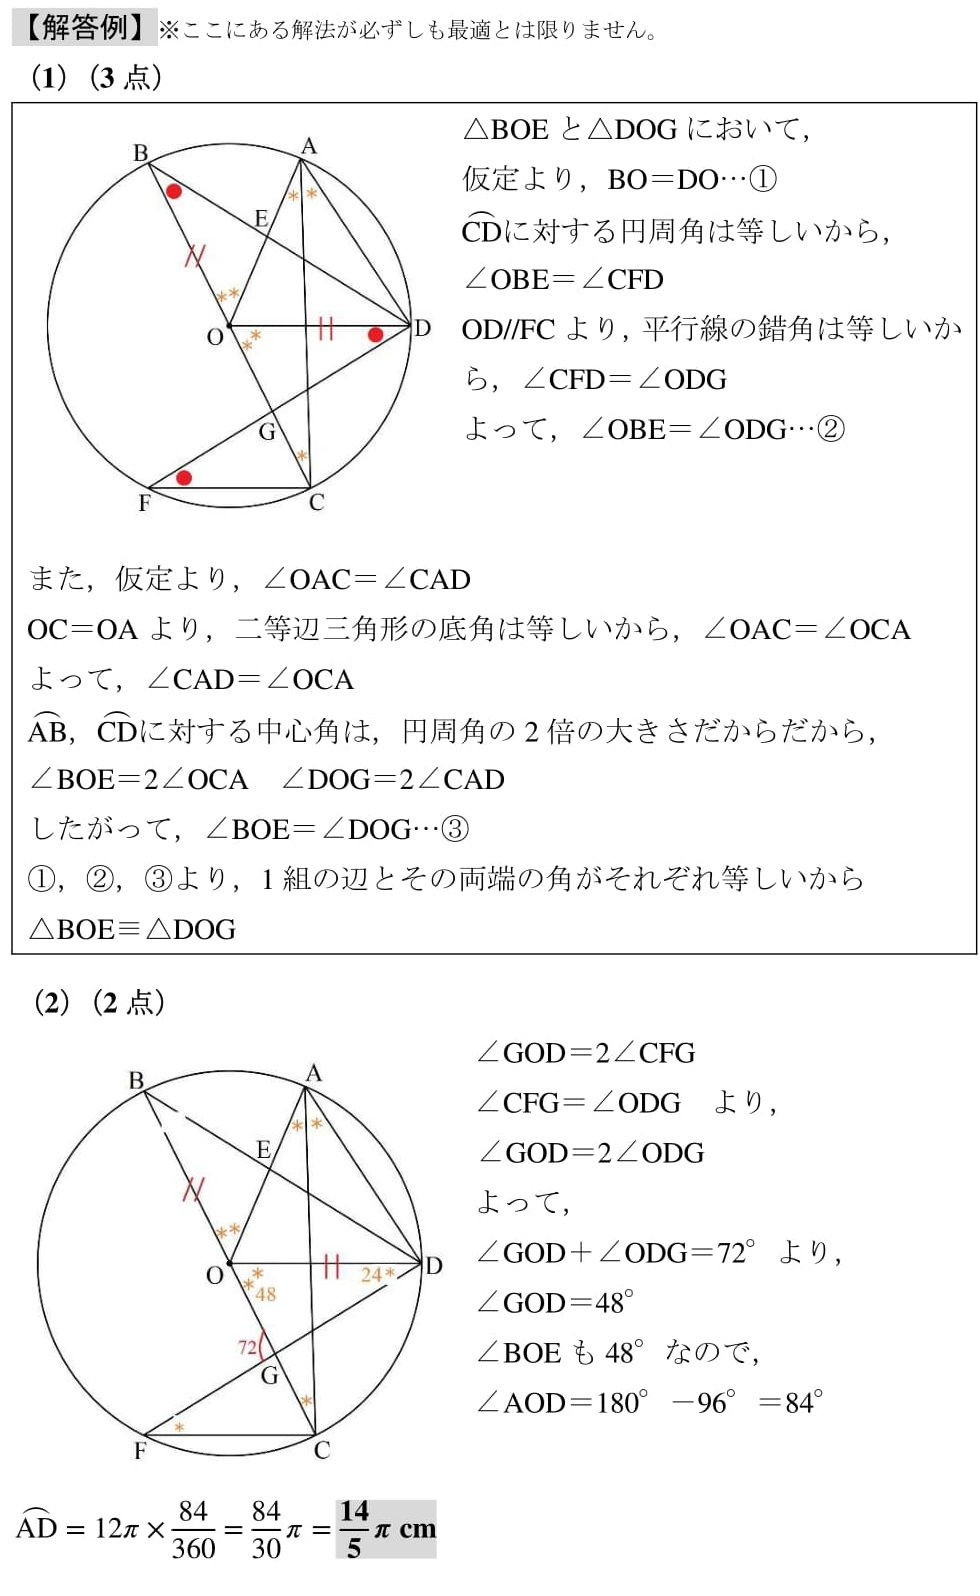 2021 静岡 高校入試 数学 過去問 解答速報 円周角 証明 良問 難問 中学数学 無料 プリント